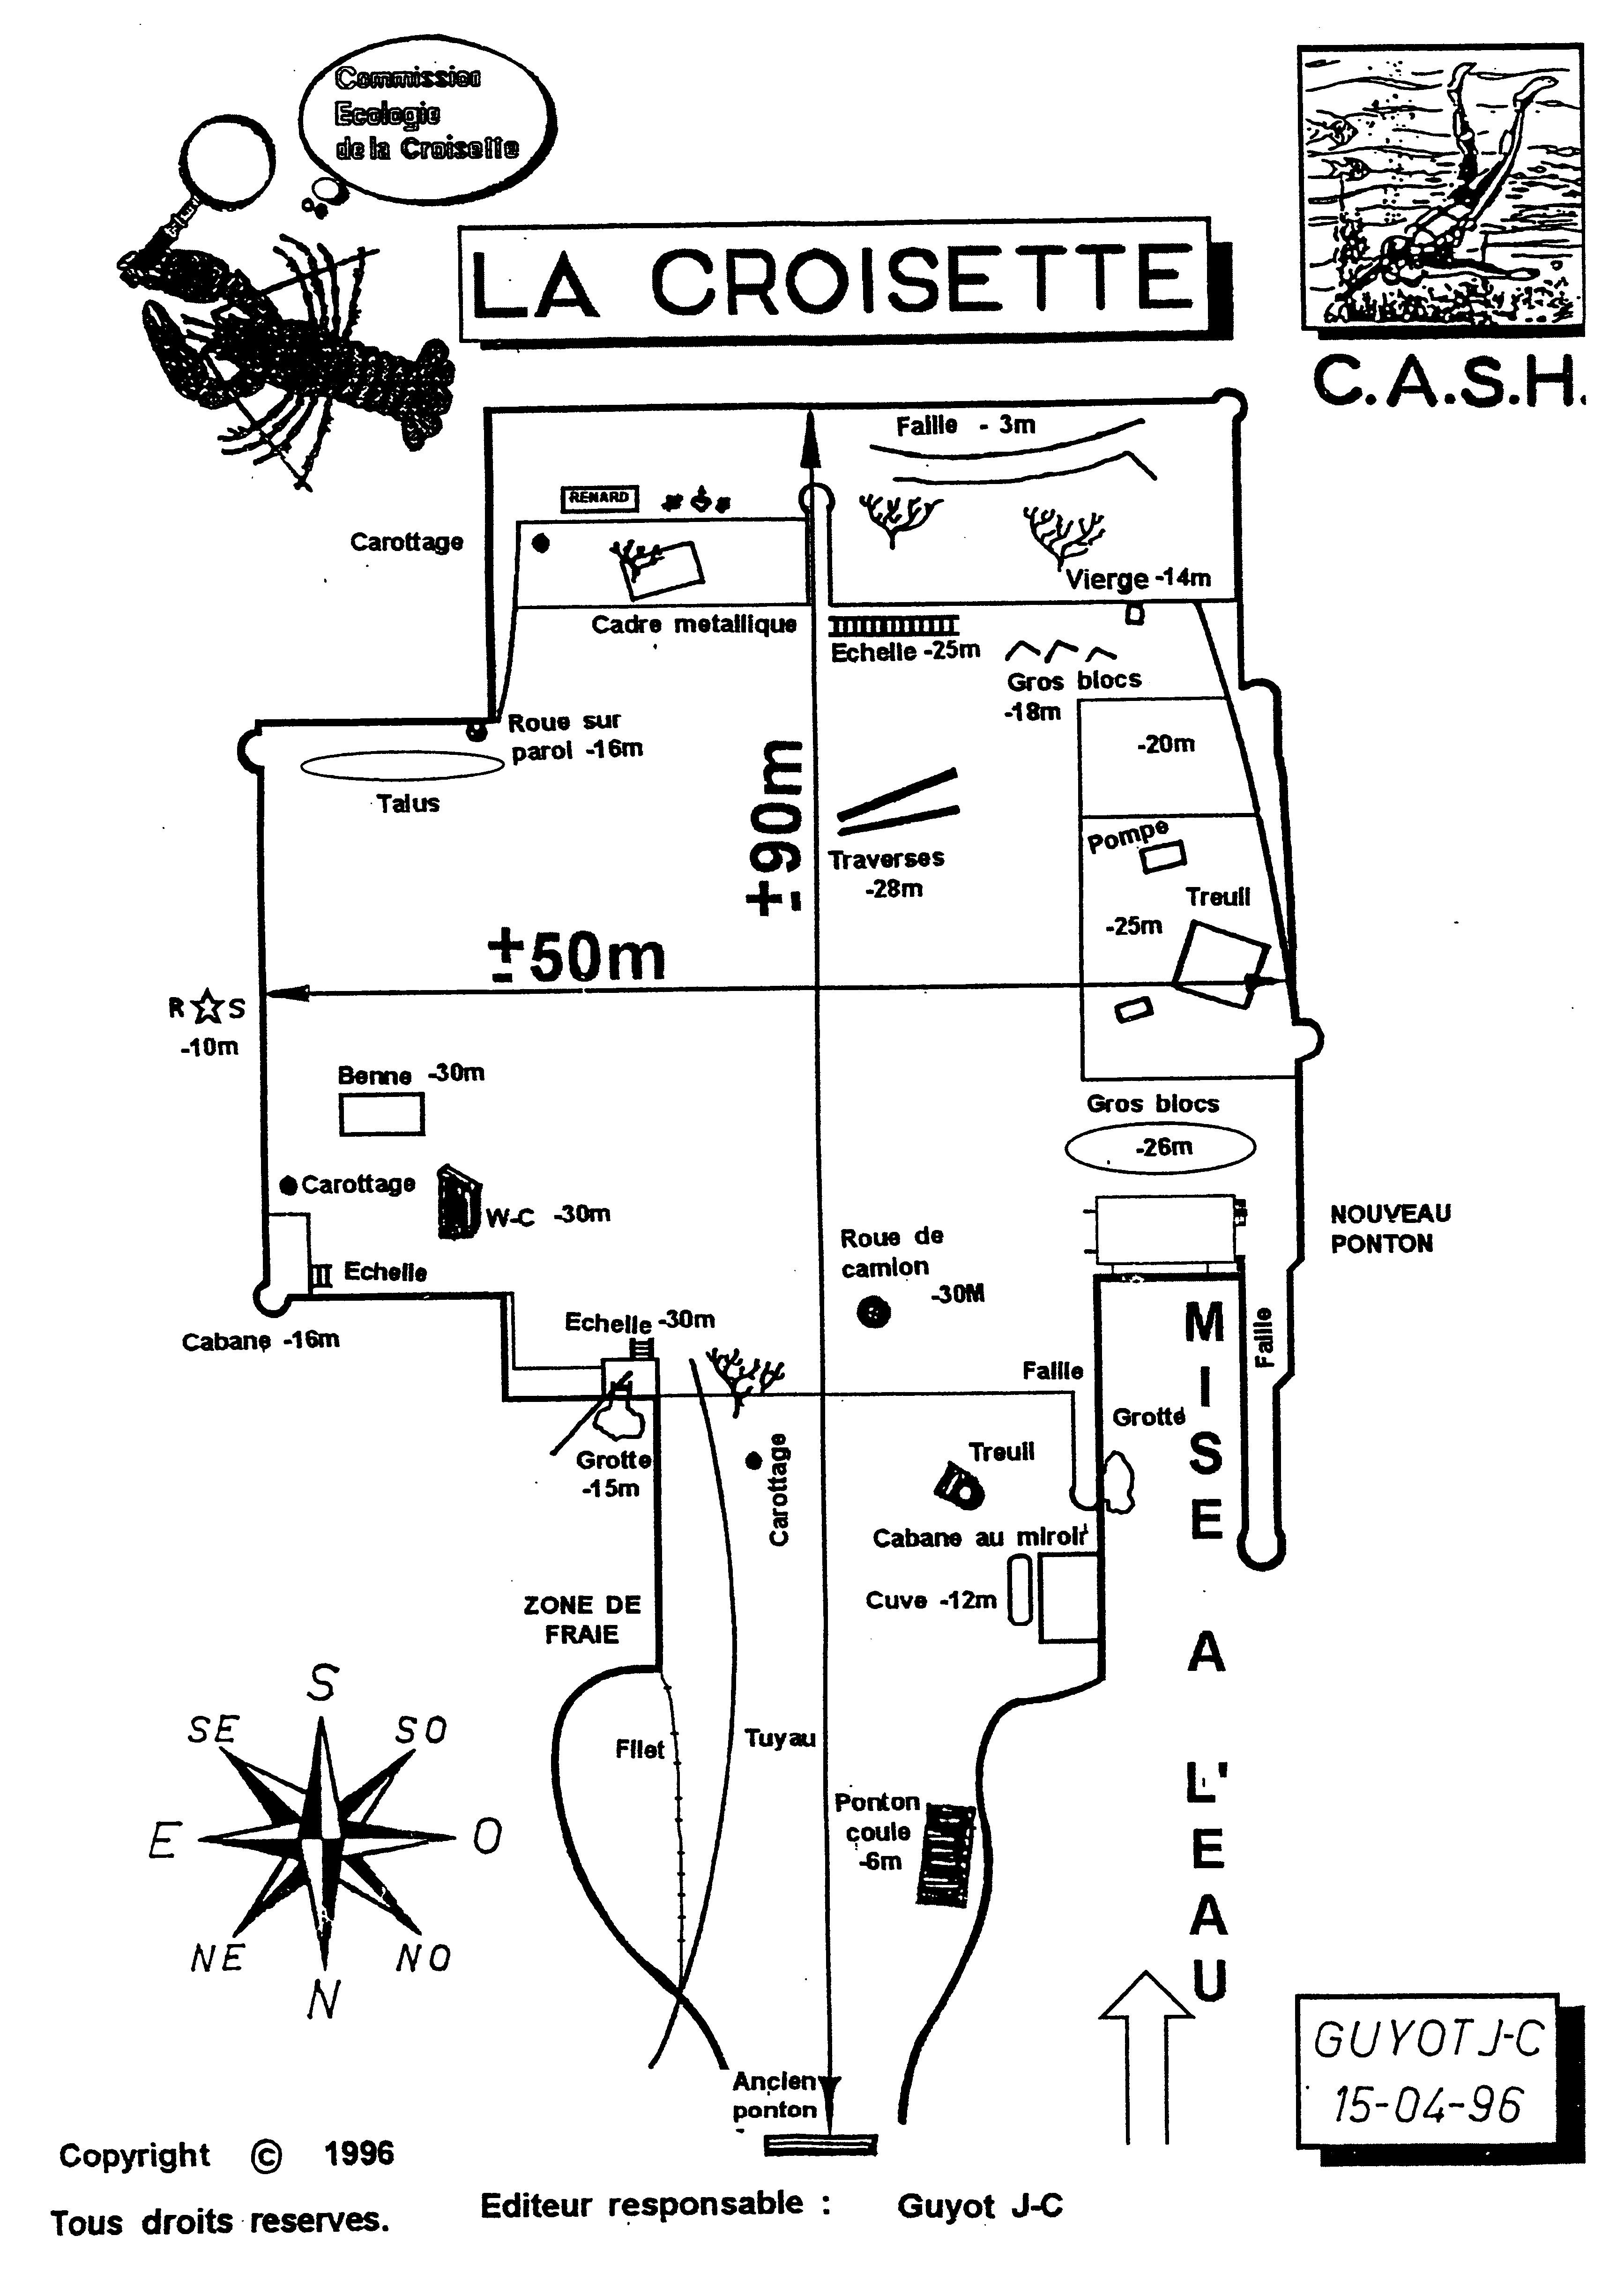 Plan de la croisette